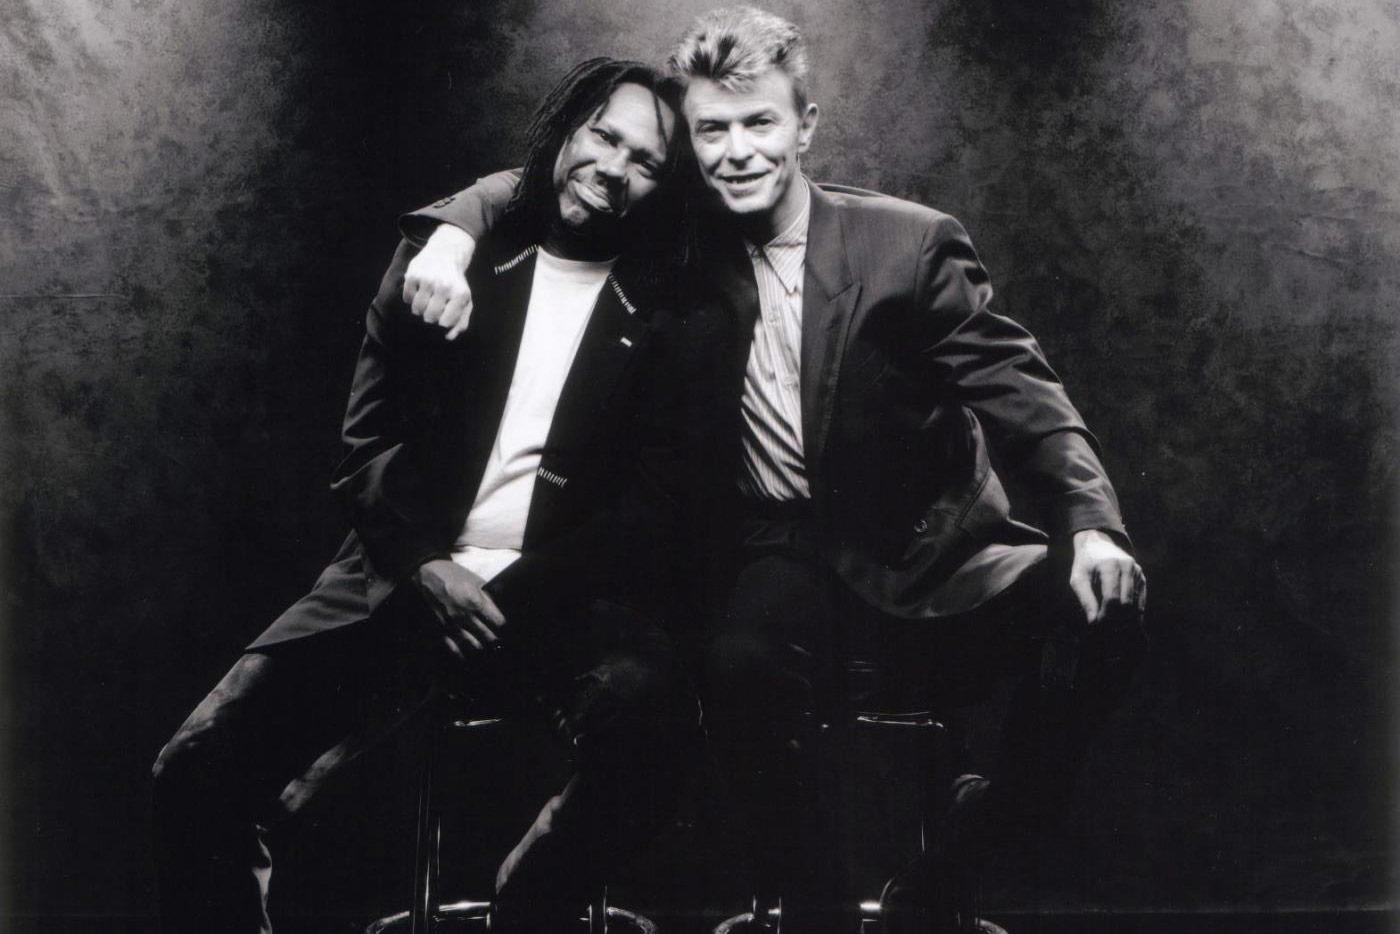 """Sale a la luz una demo de """"Let's Dance"""" de David Bowie junto a Nile Rodgers"""